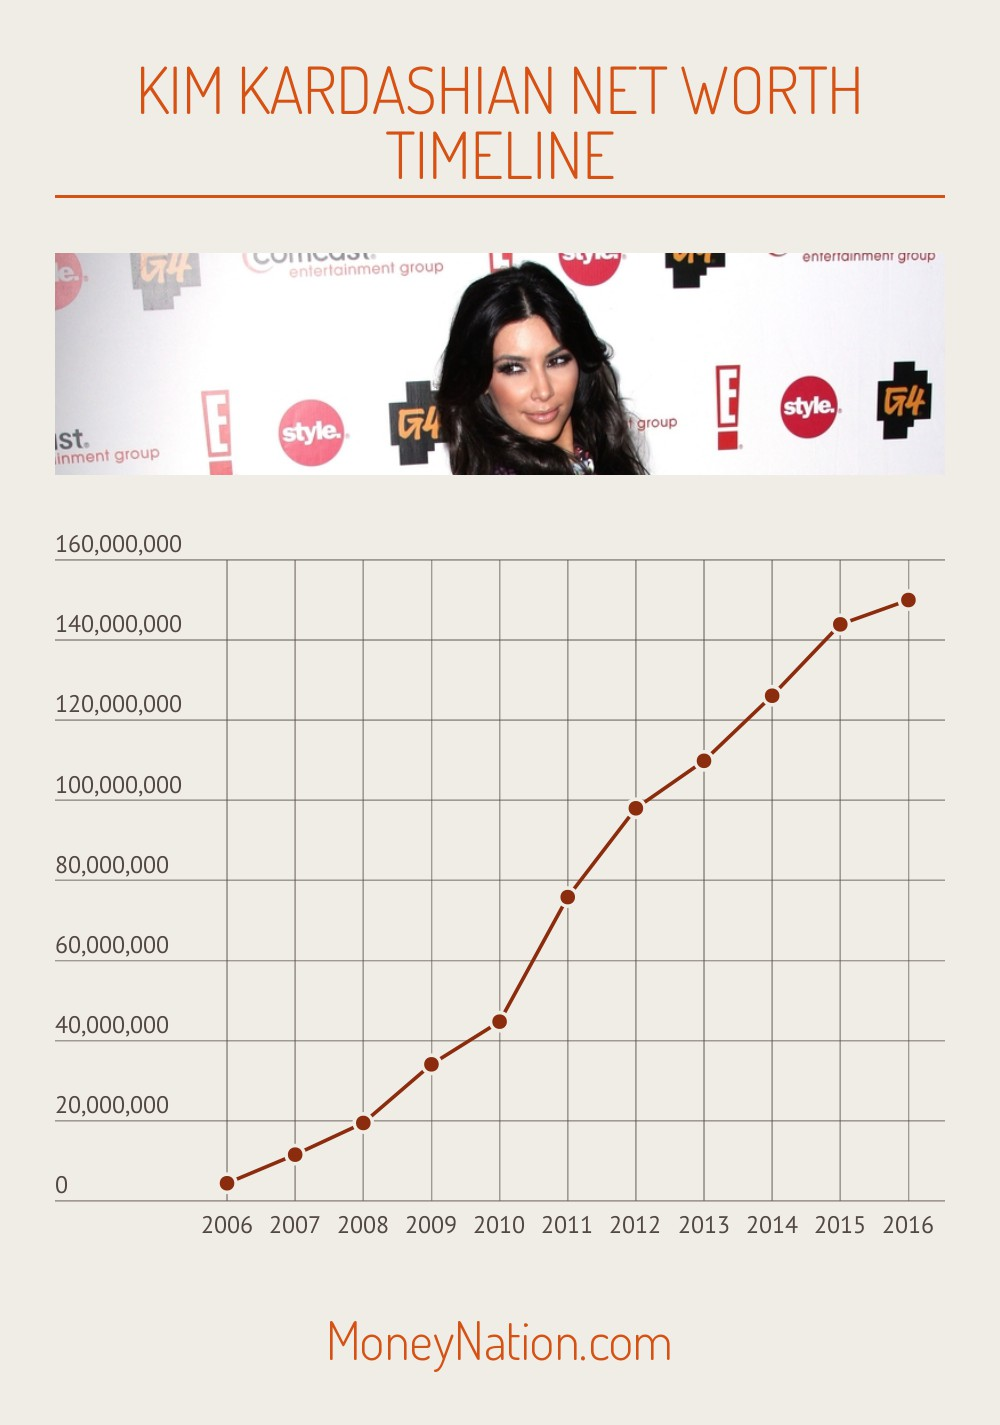 Kim Kardashian Net Worth Timeline Chart